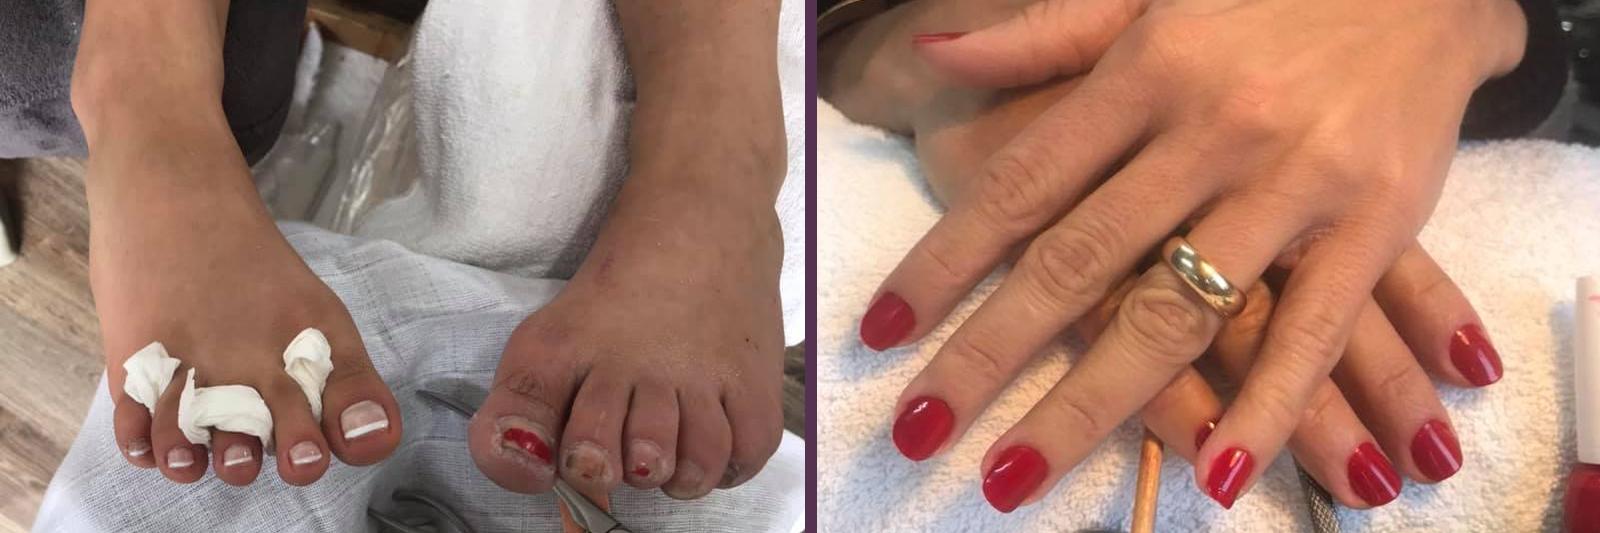 Fodpleje og manicure af høj kvalitet giver dig nyt liv til hænder og fødder